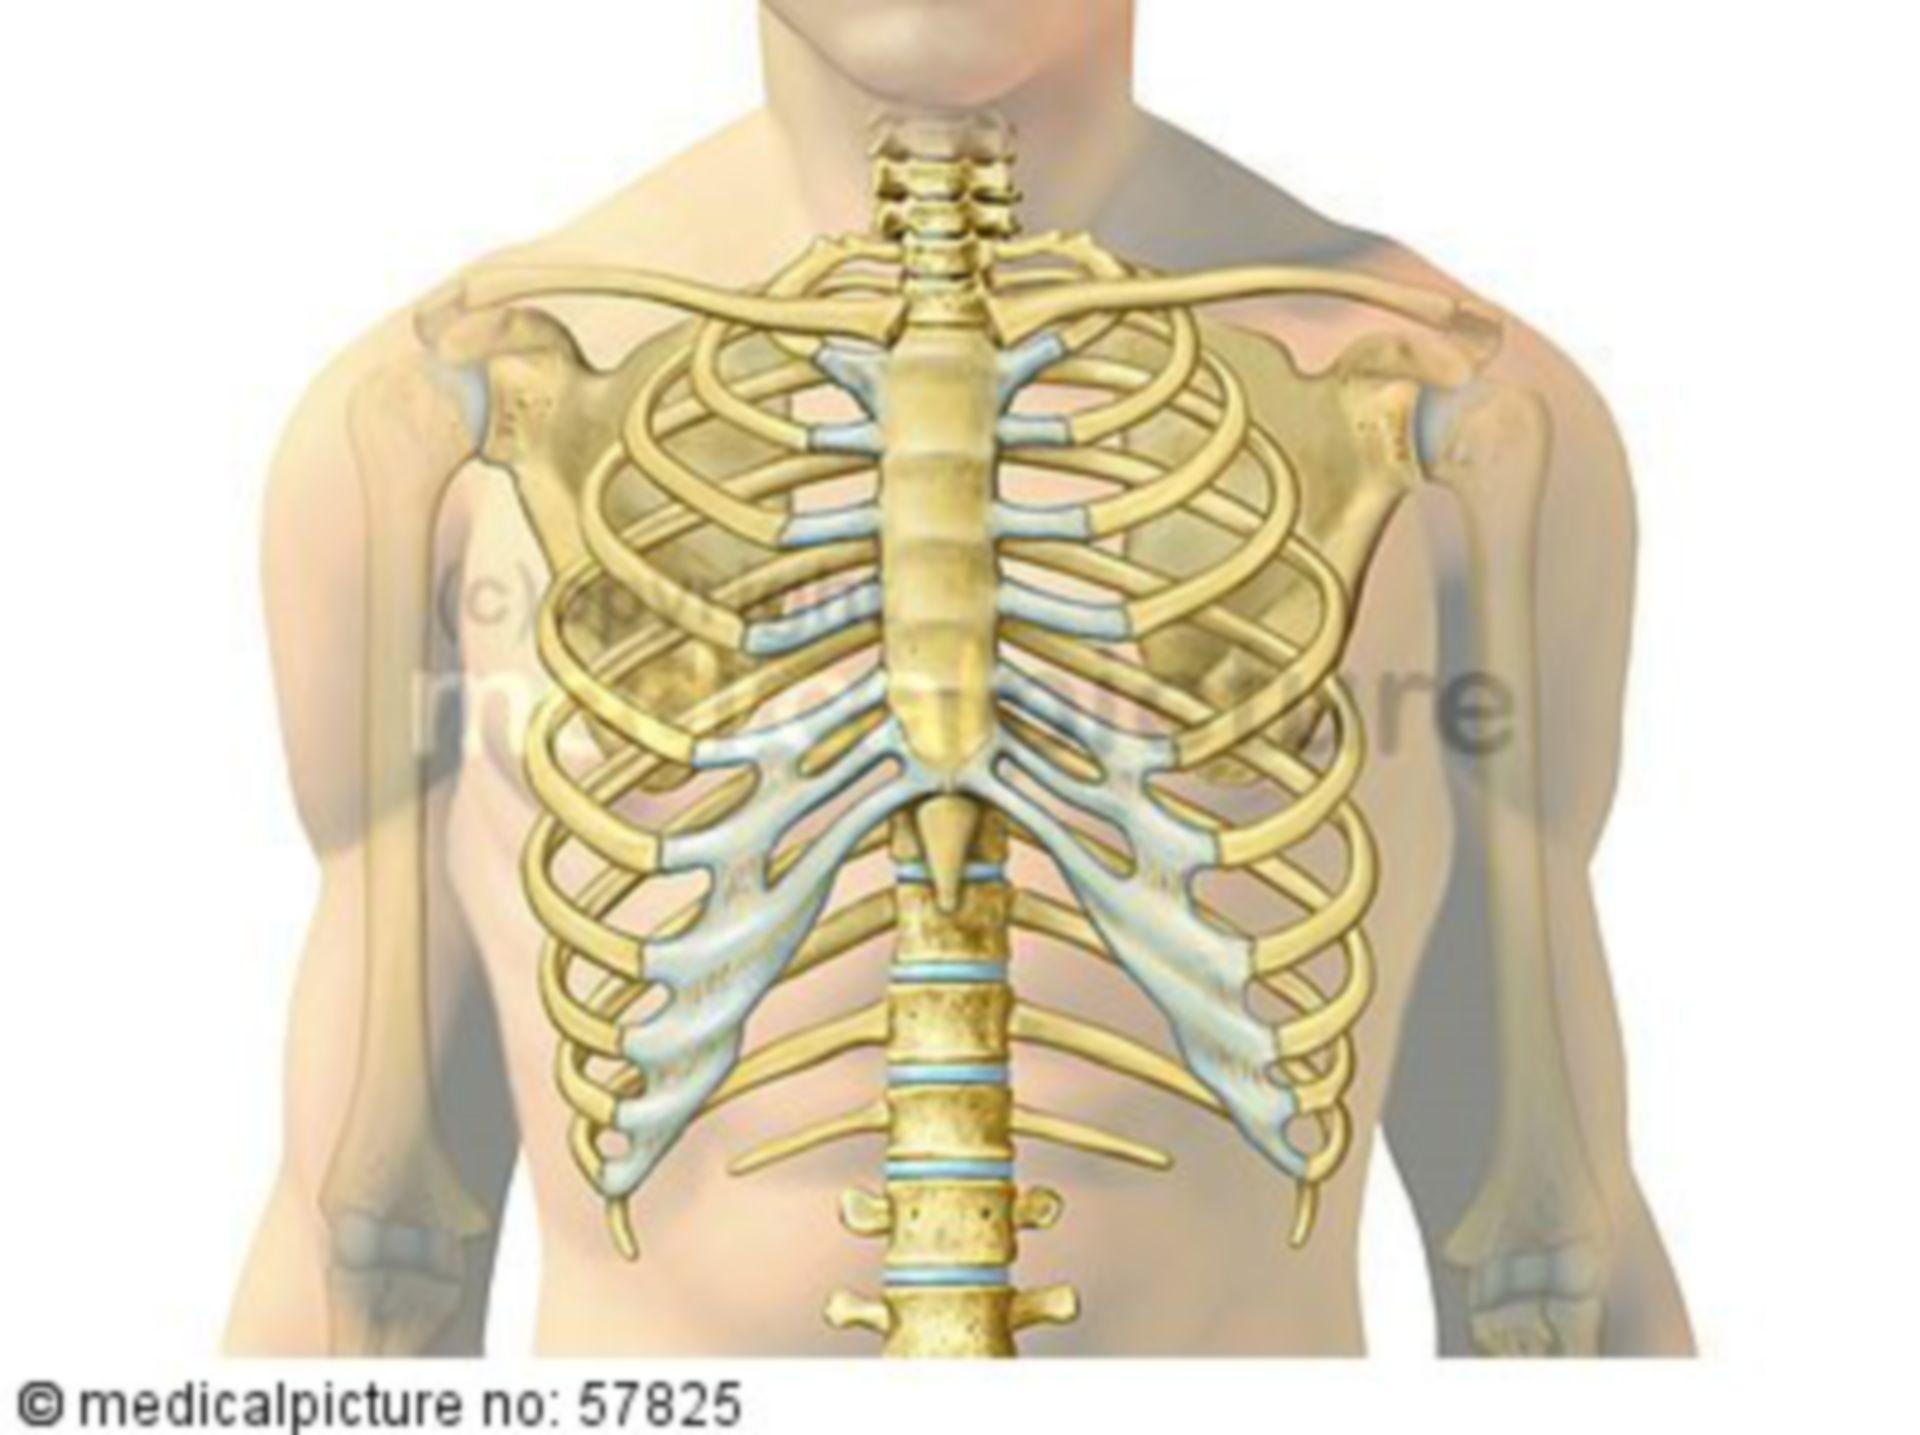 Anatomiche illustrazioni - petto (configurato sul corpo umano)